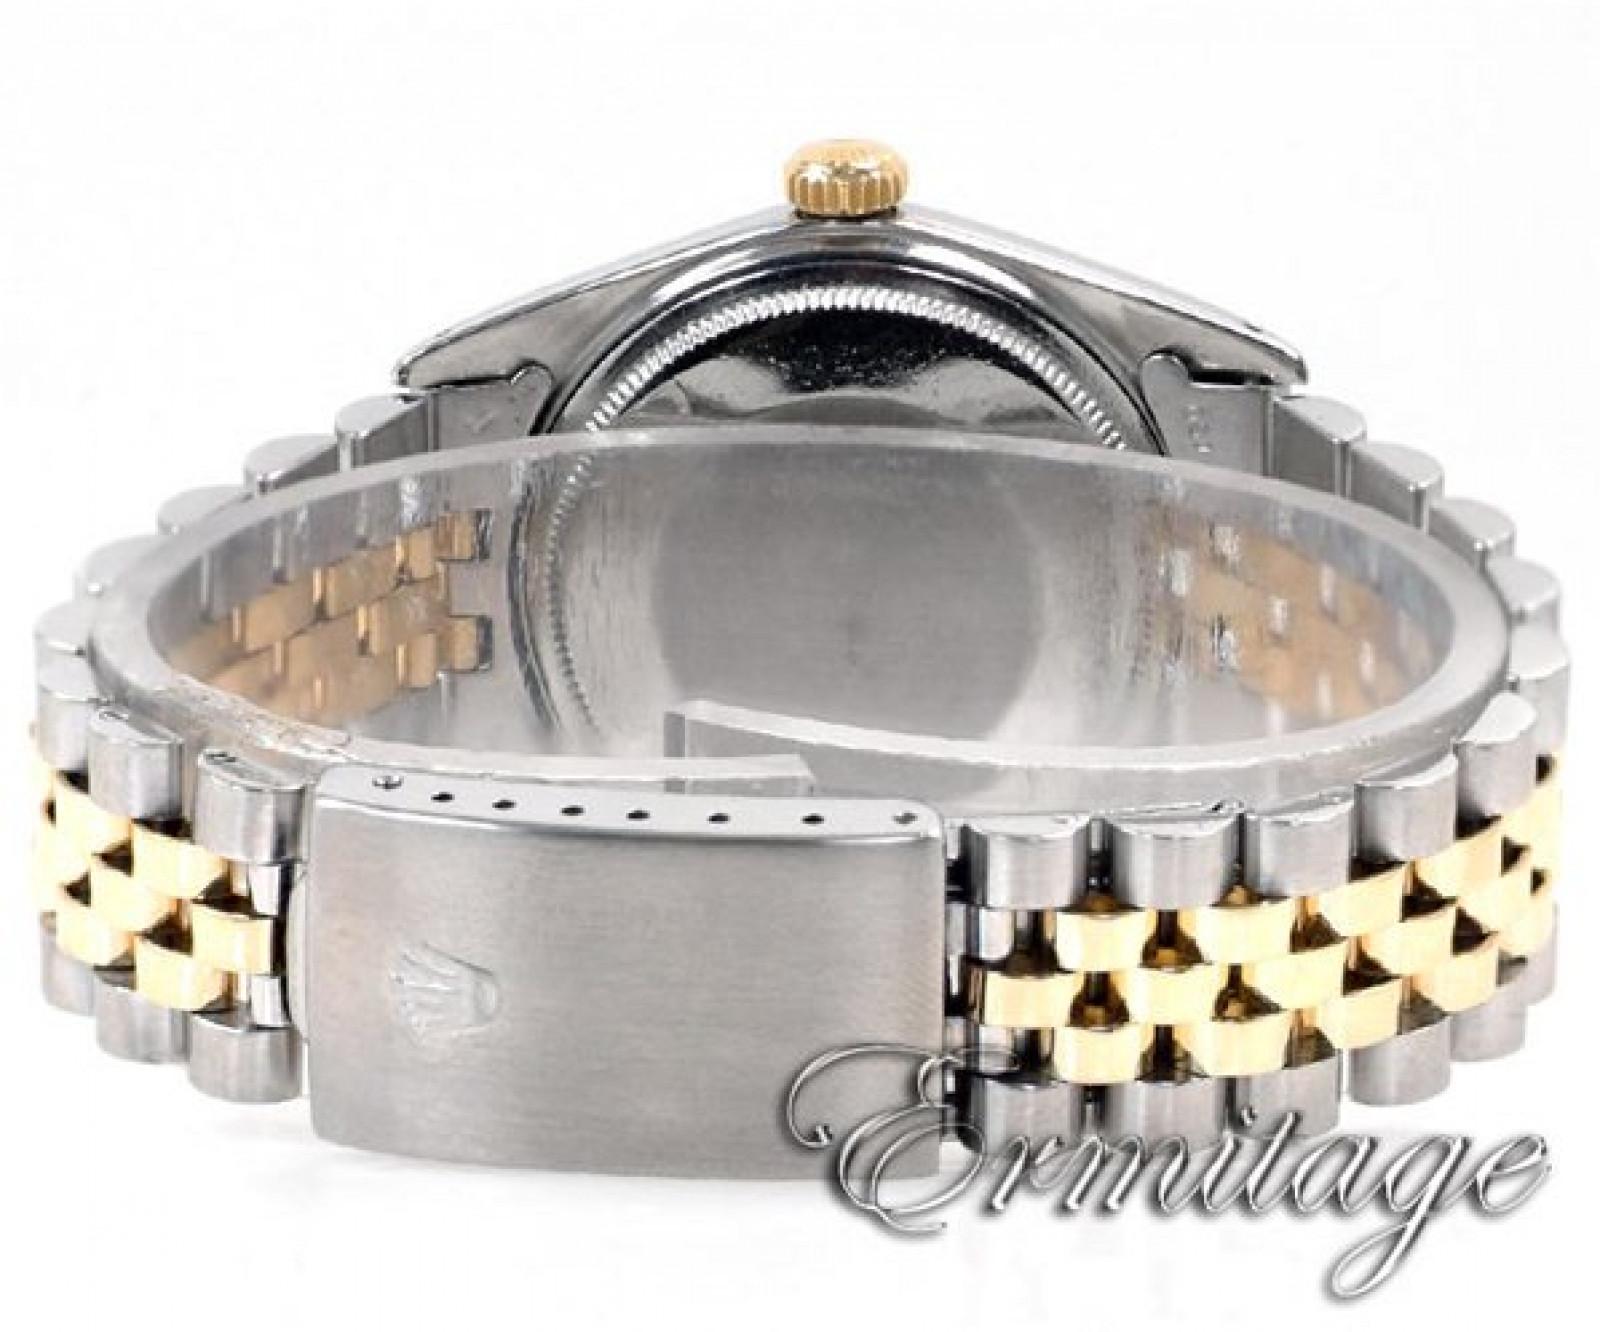 Vintage Rolex Datejust 1603 Gold & Steel Year 1968